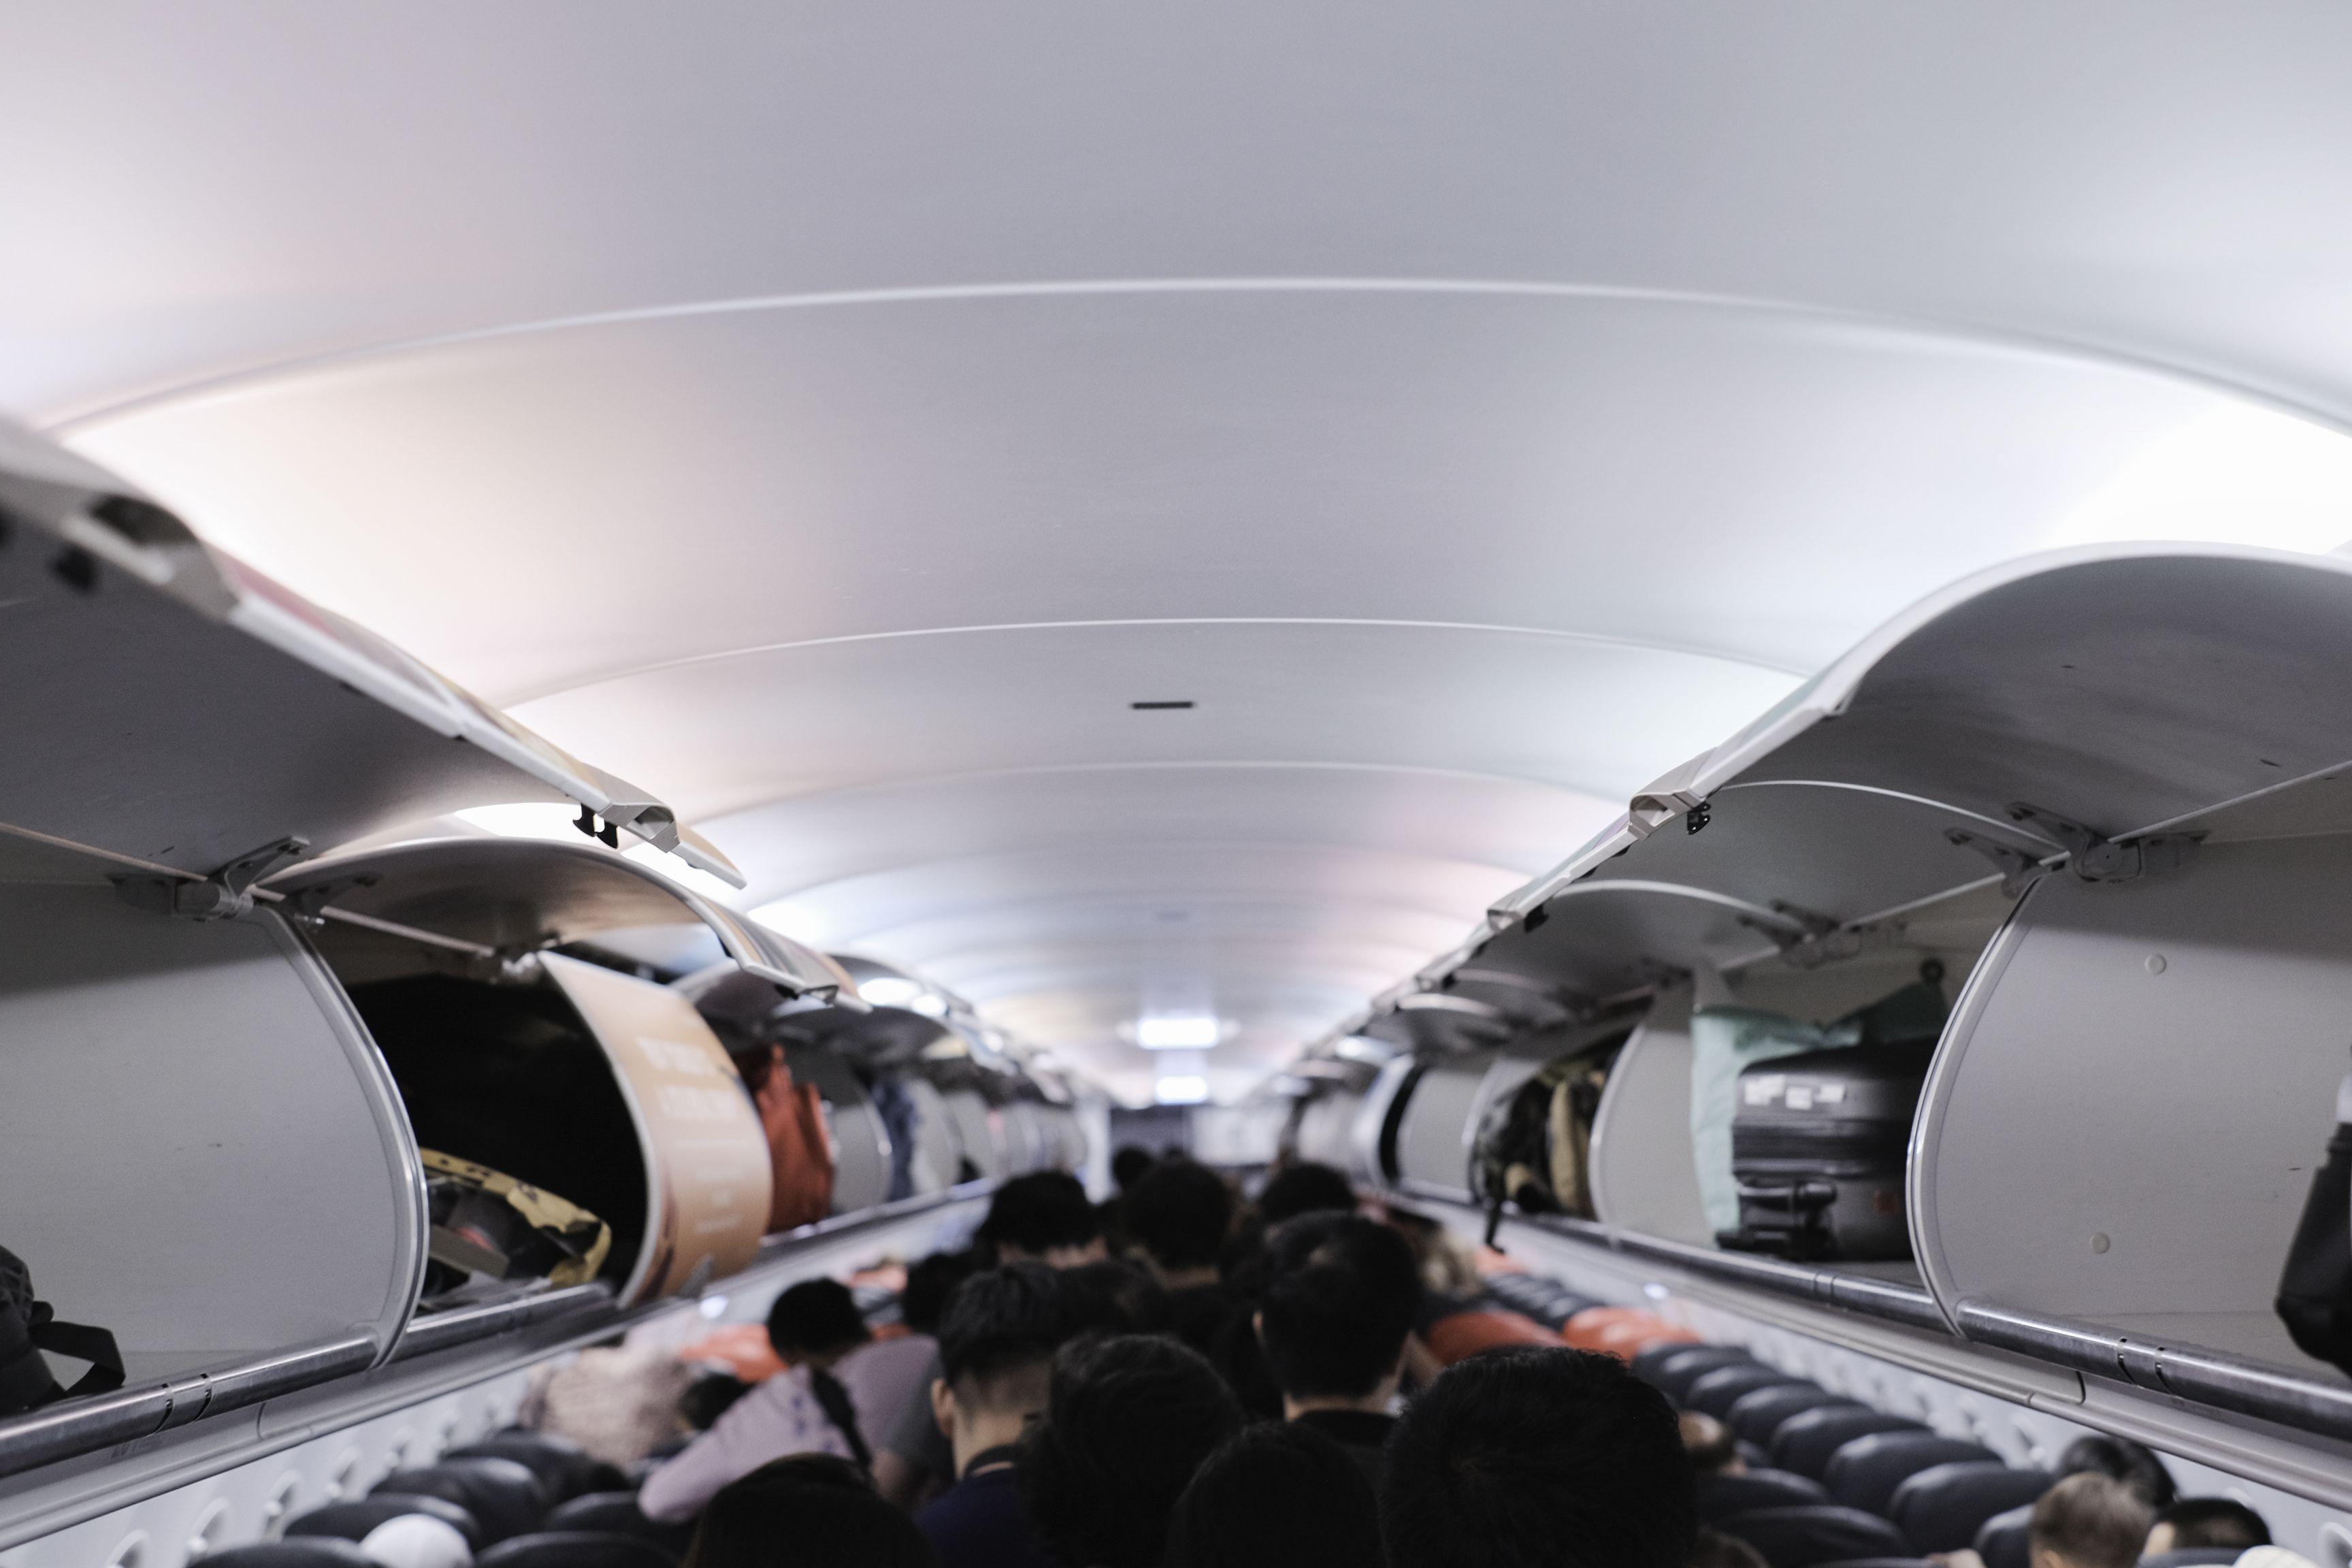 Veszélytelenebb a koronavírus-járvány alatt repülőre ülni, mint gondolnánk